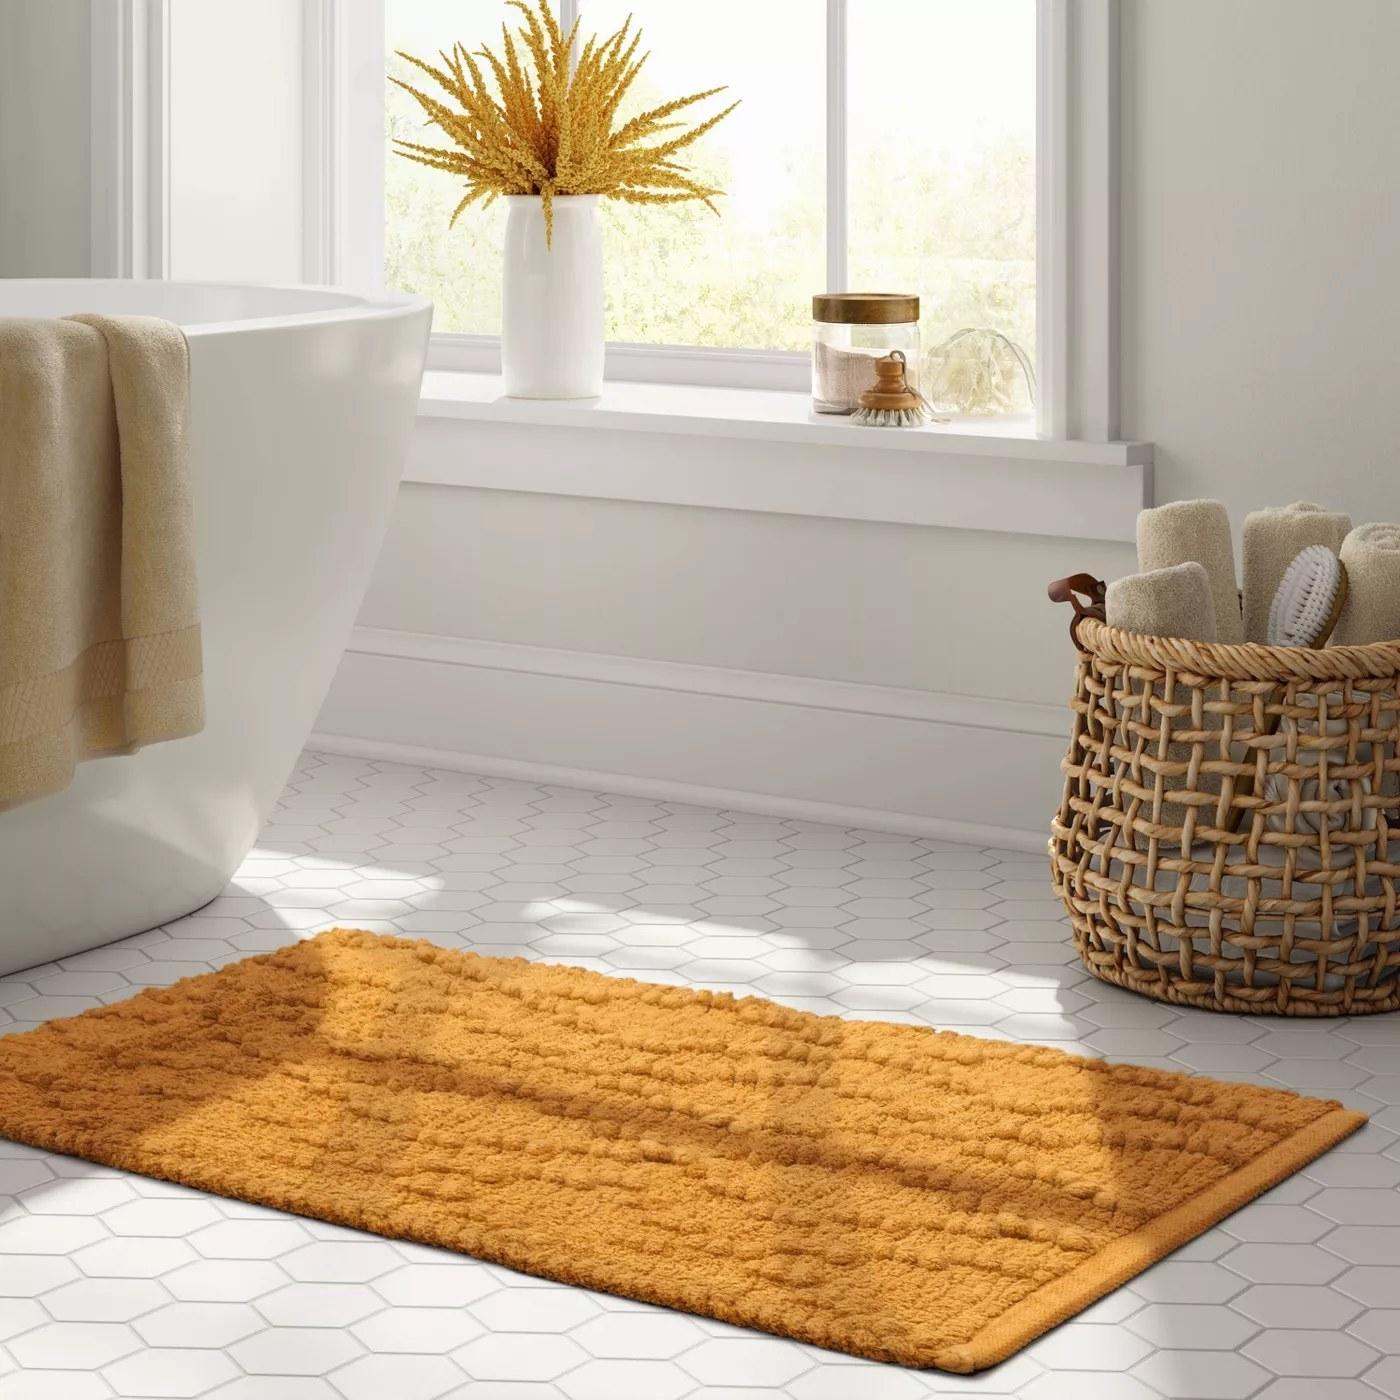 The rug on a tile floor